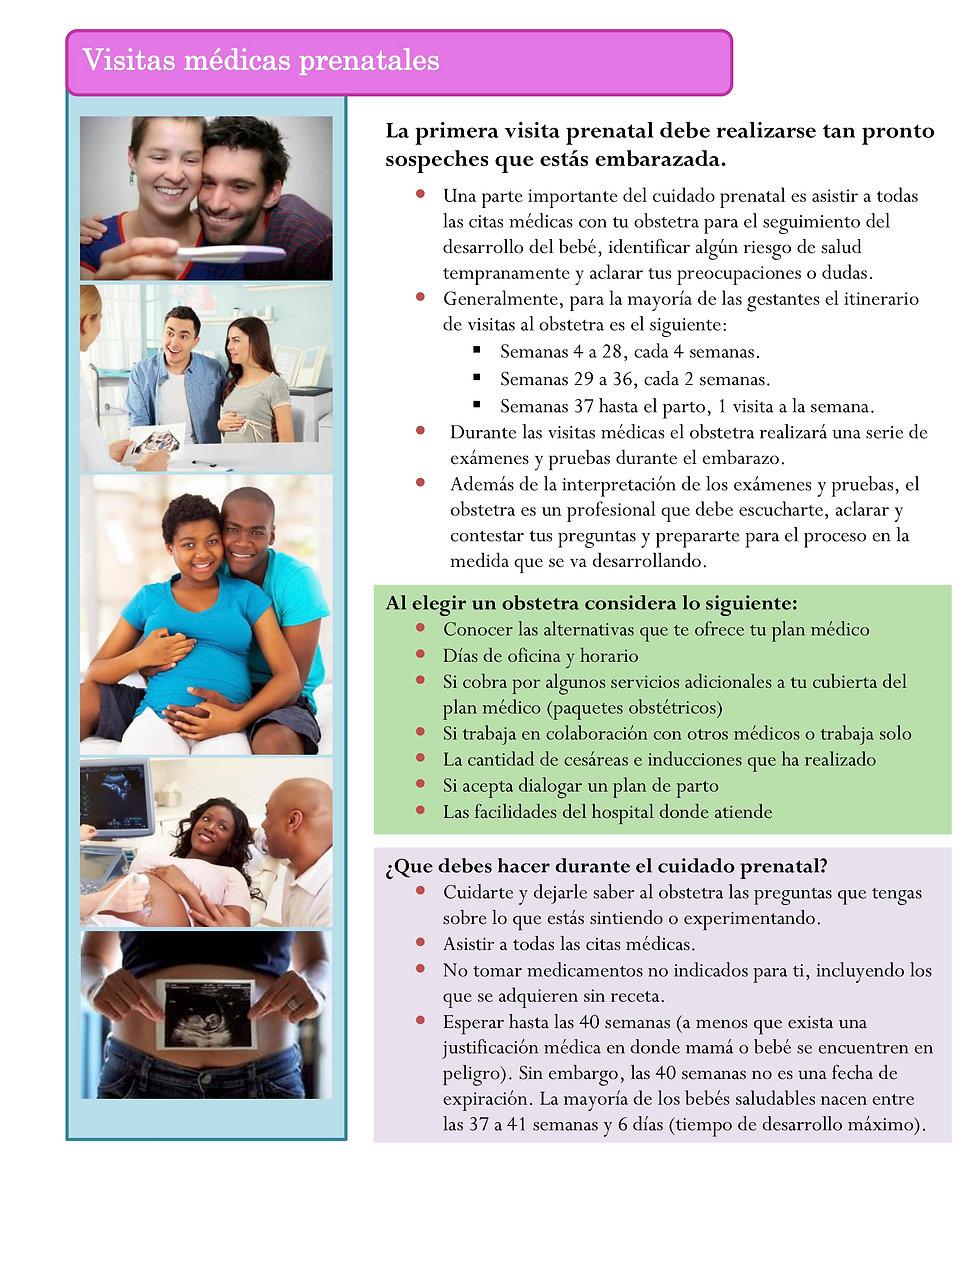 12._Visitas_médicas_prenatales_2018.jpg